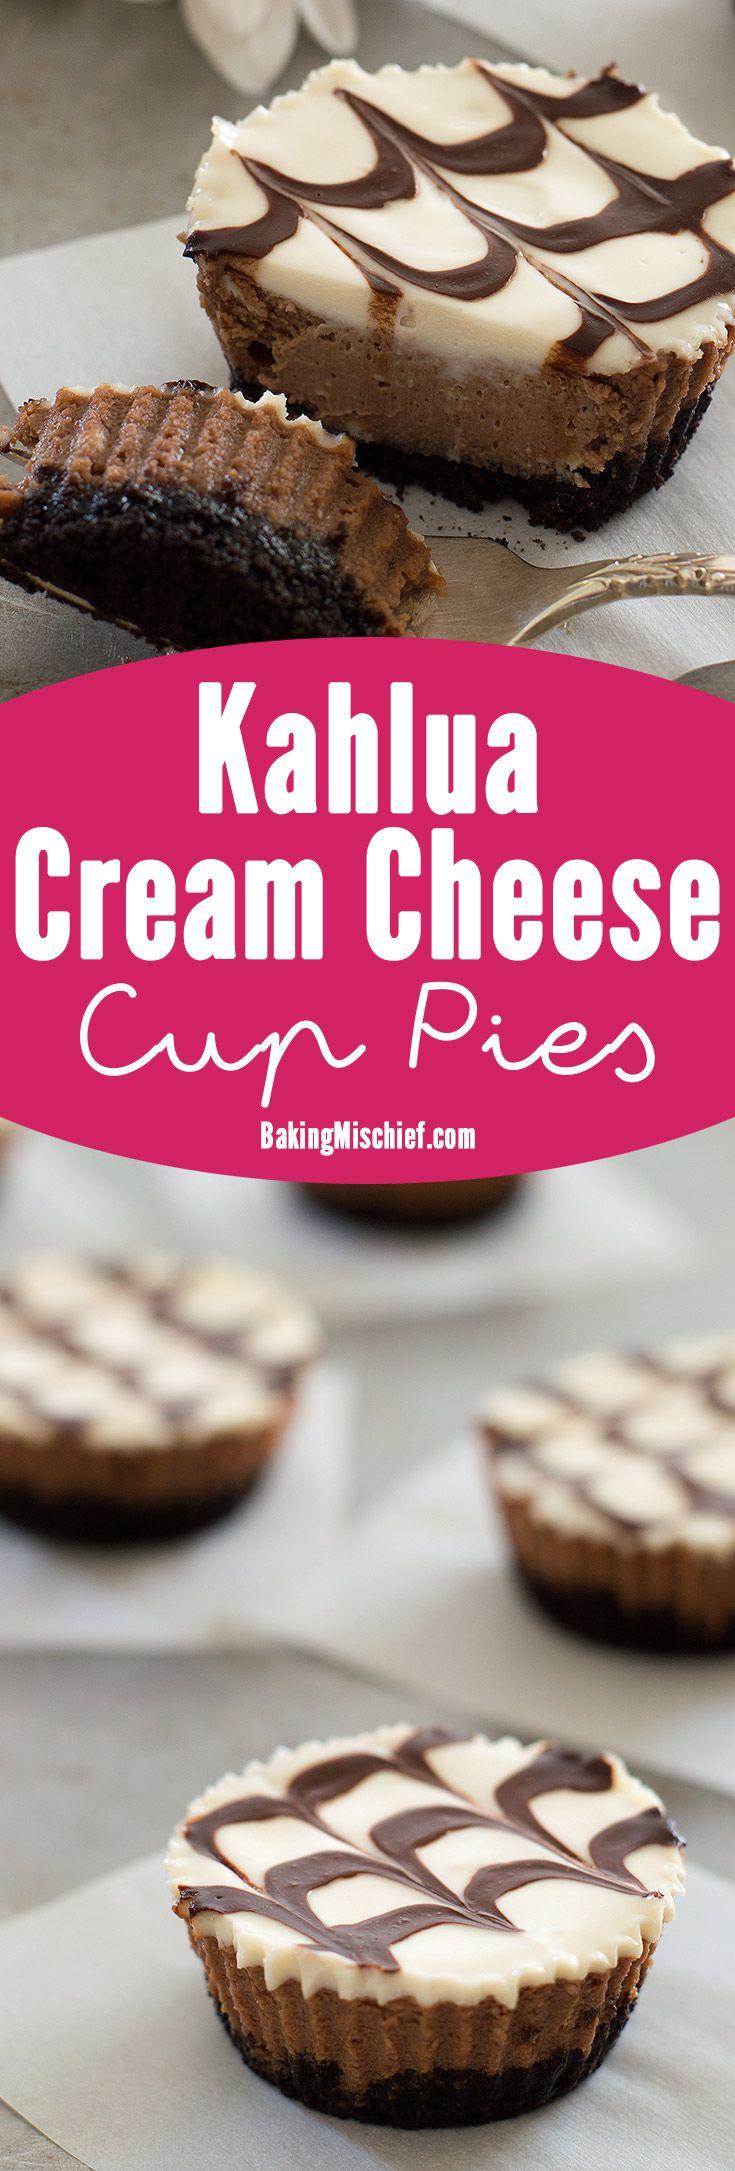 cheesecakes Kahlua Mini mocha e com uma base crocante bolinho de Oreo, fresco cobertura de creme de leite e molho de chocolate.  Receita inclui instruções em pequenos lotes e informação nutricional.  De BakingMischief.com